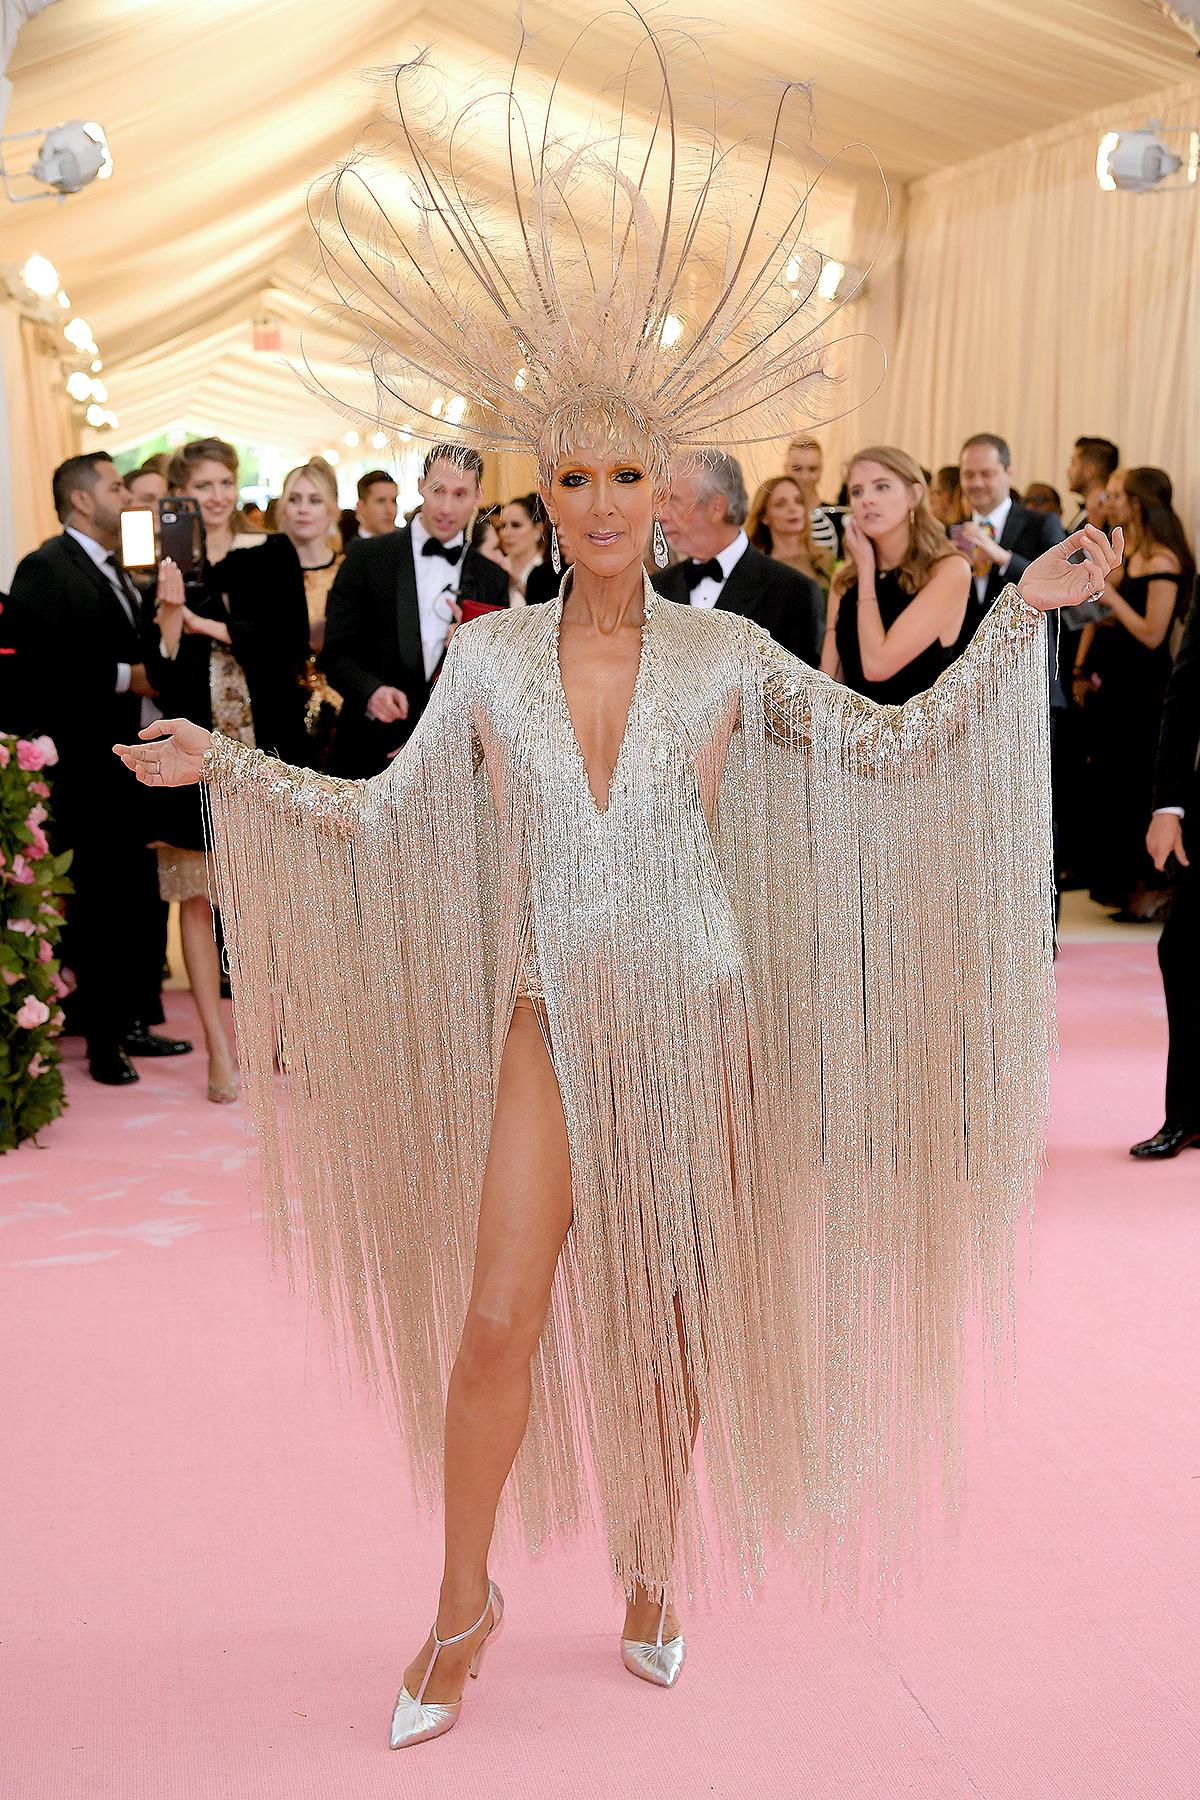 فستان شراريب من أوسكار دي لا رينتا اختاره سيلين ديون